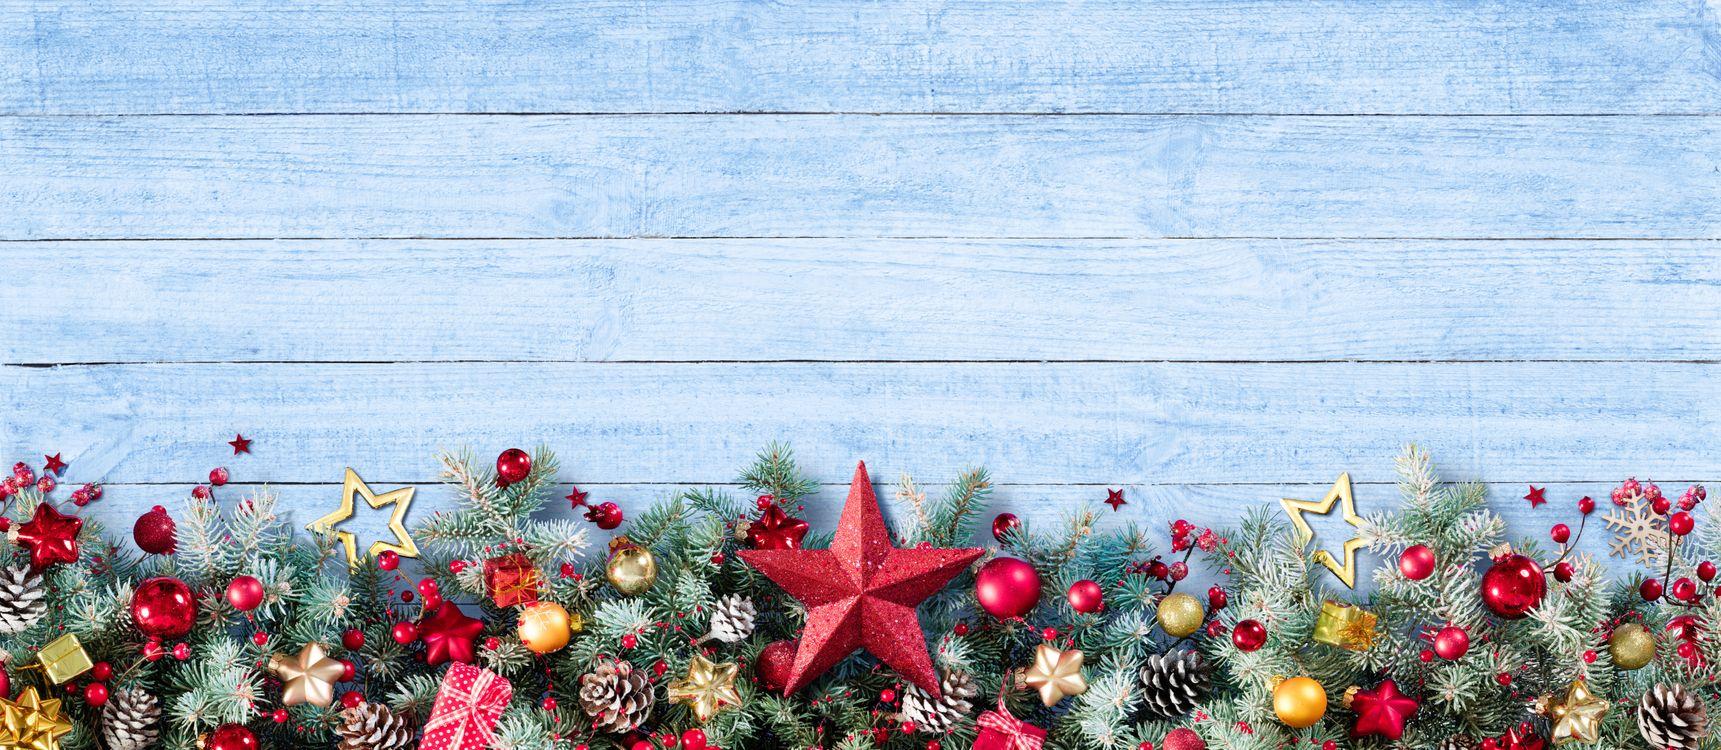 Рождественский фон фото · бесплатное фото